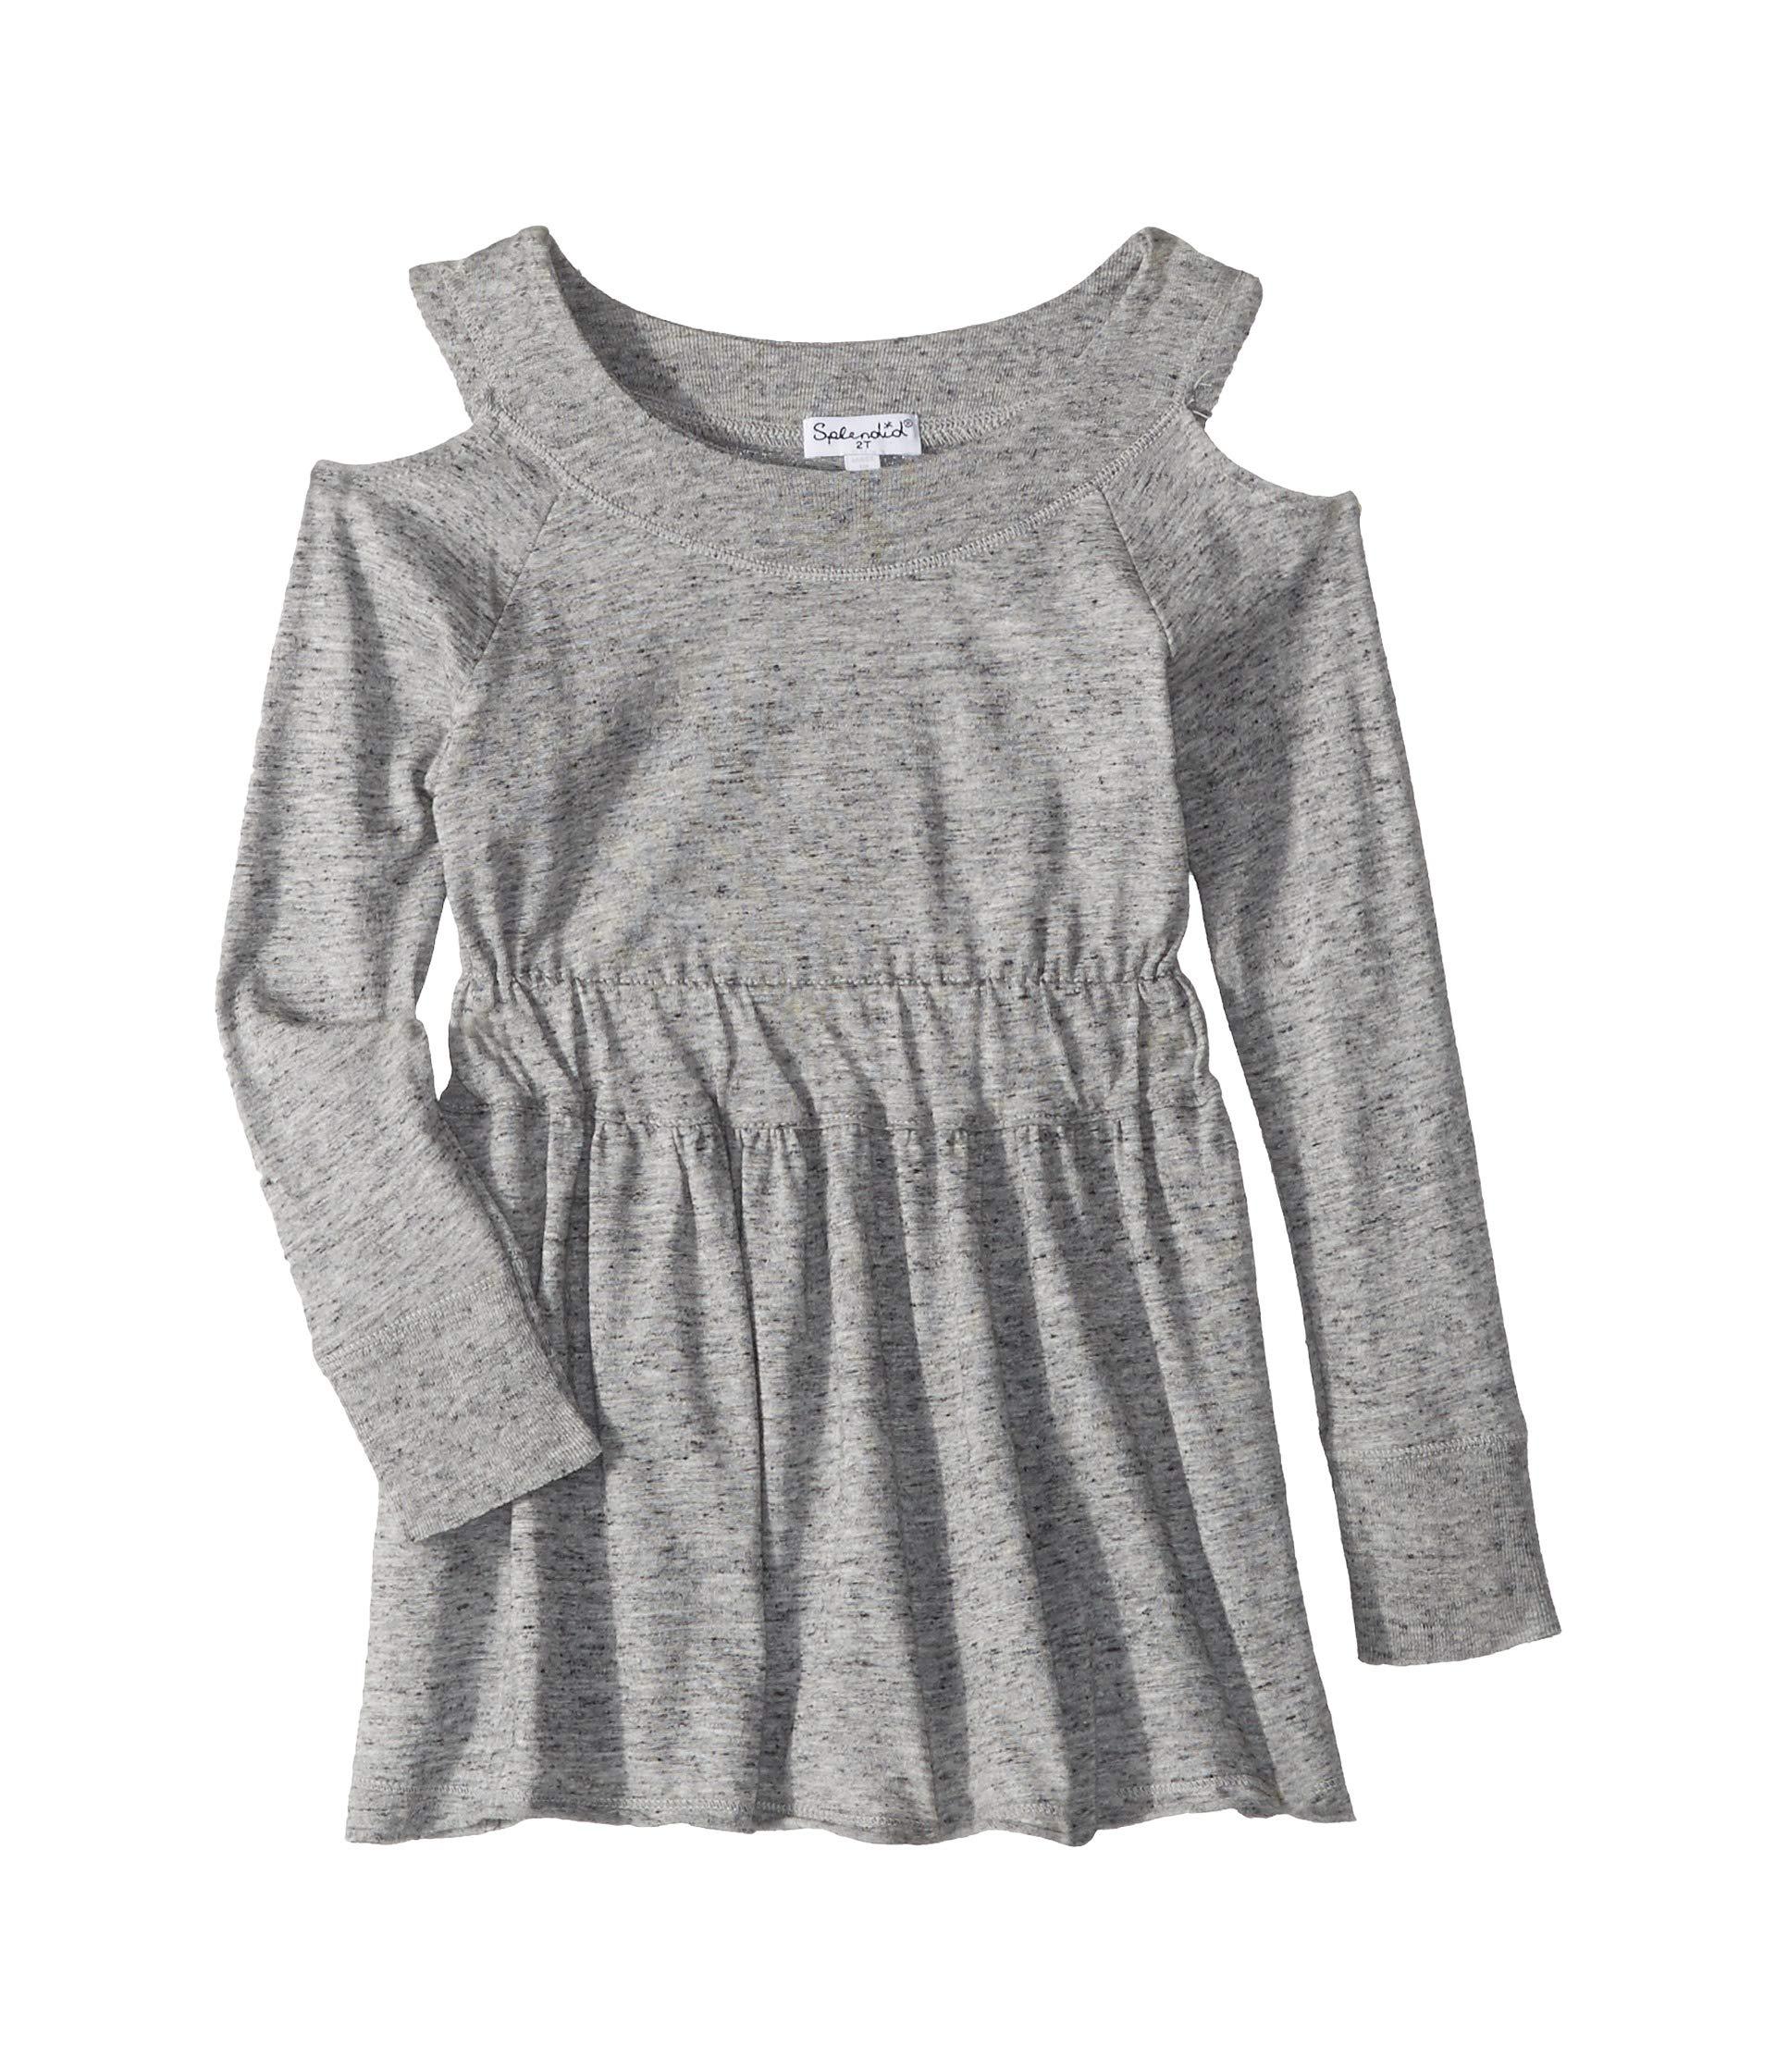 Splendid Girls' Toddler Cold Shoulder Dress, Marled Grey, 2T